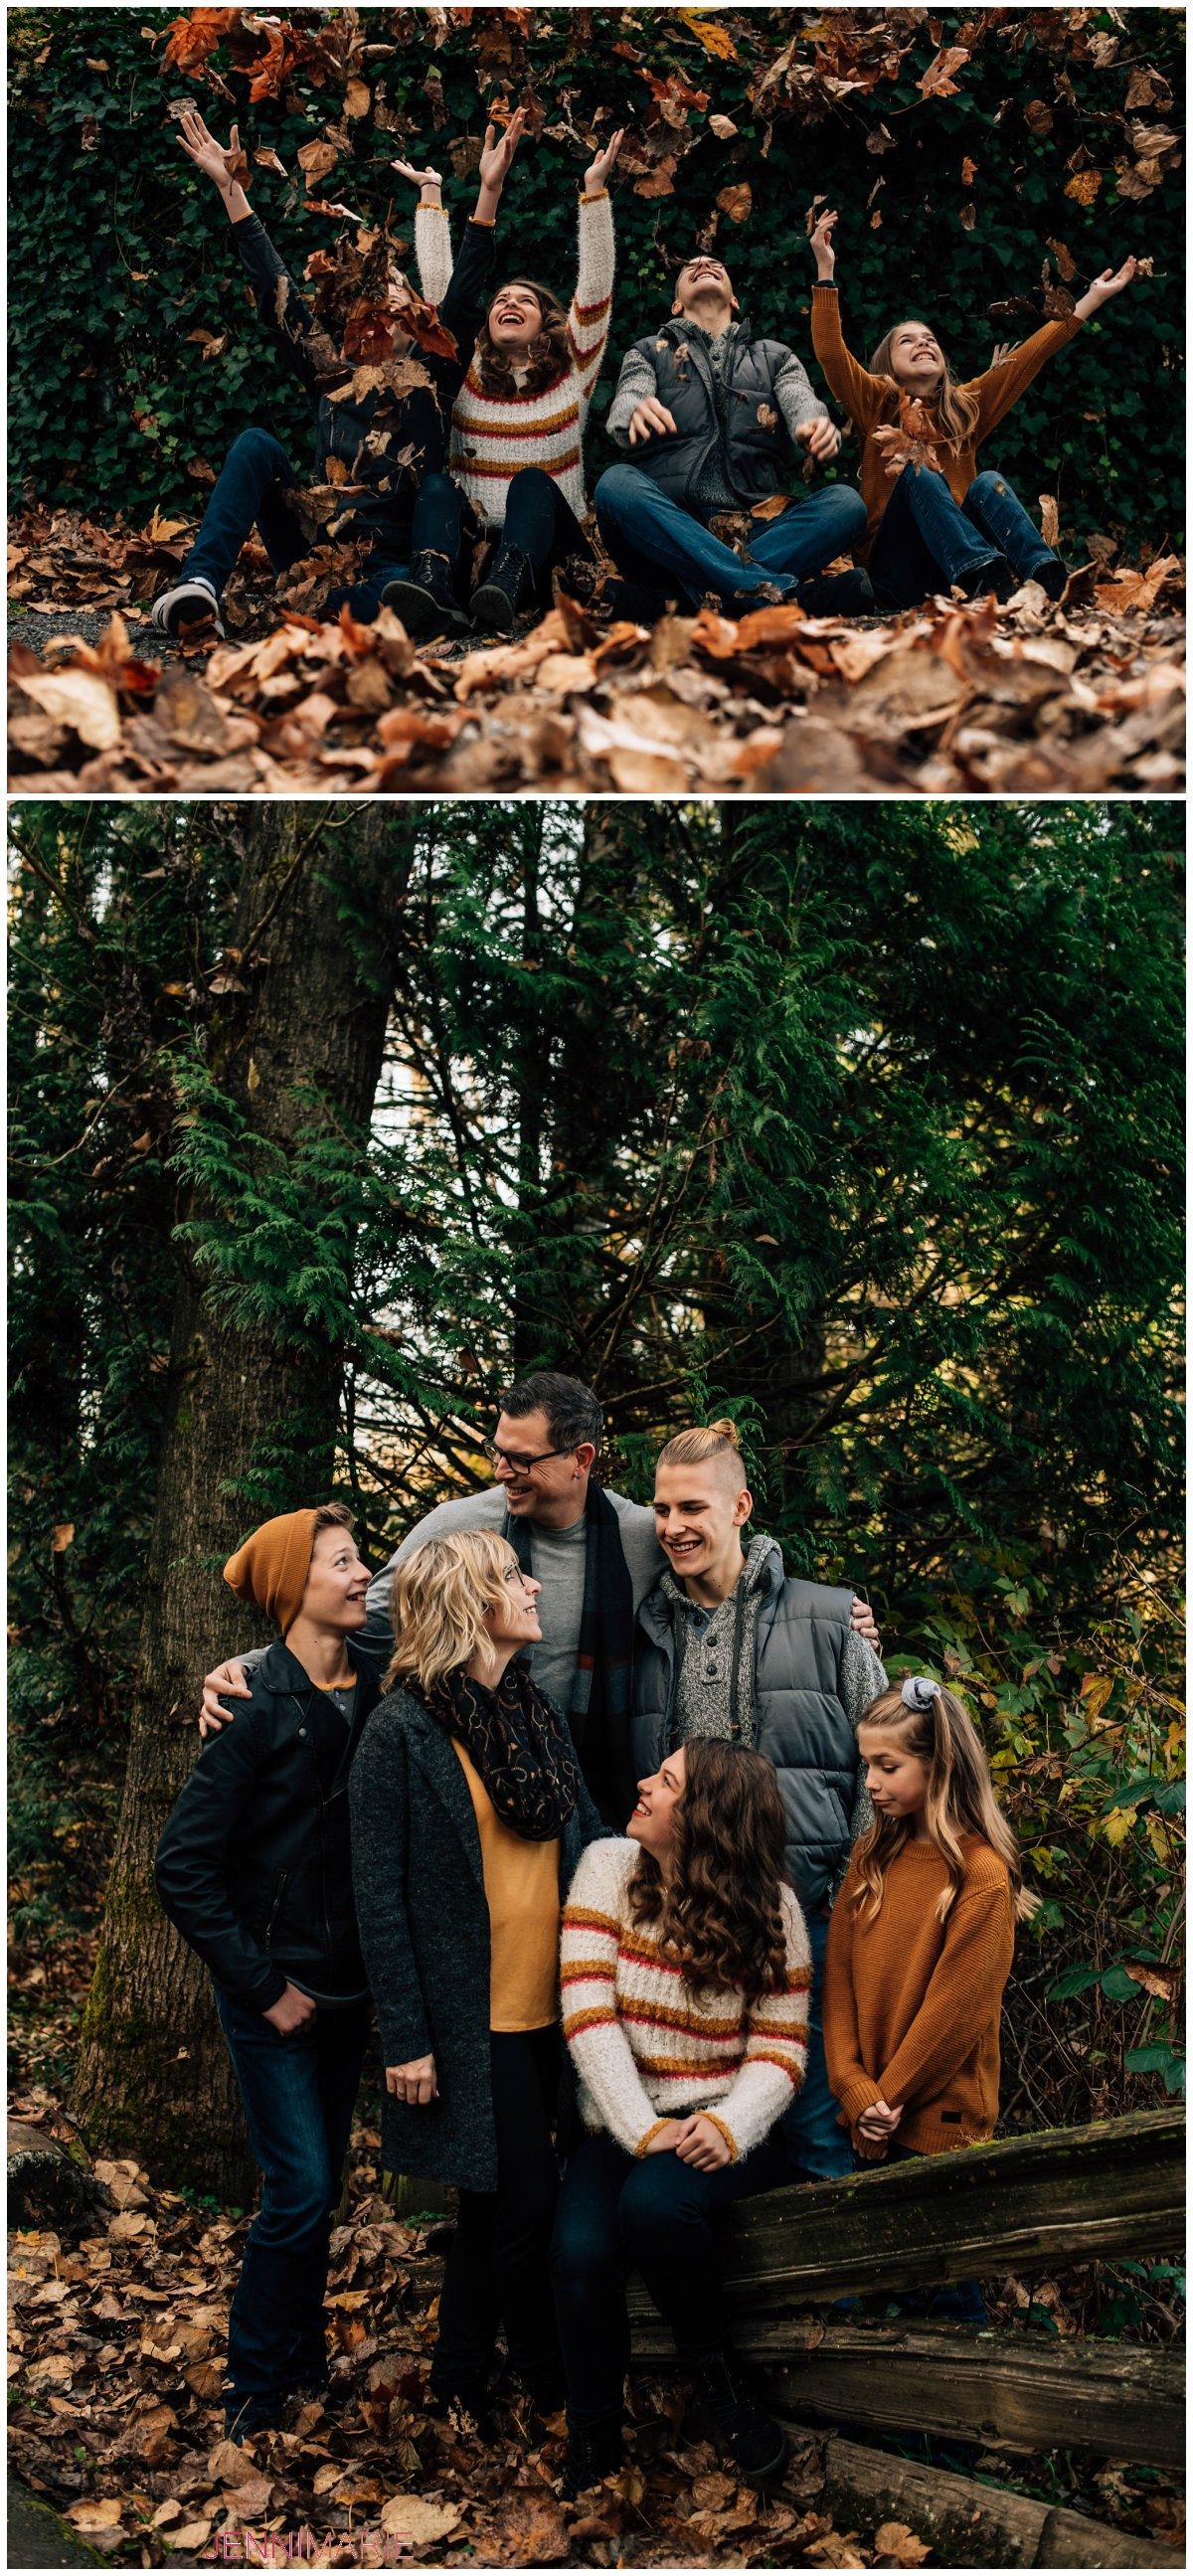 Fraser Valley family photos